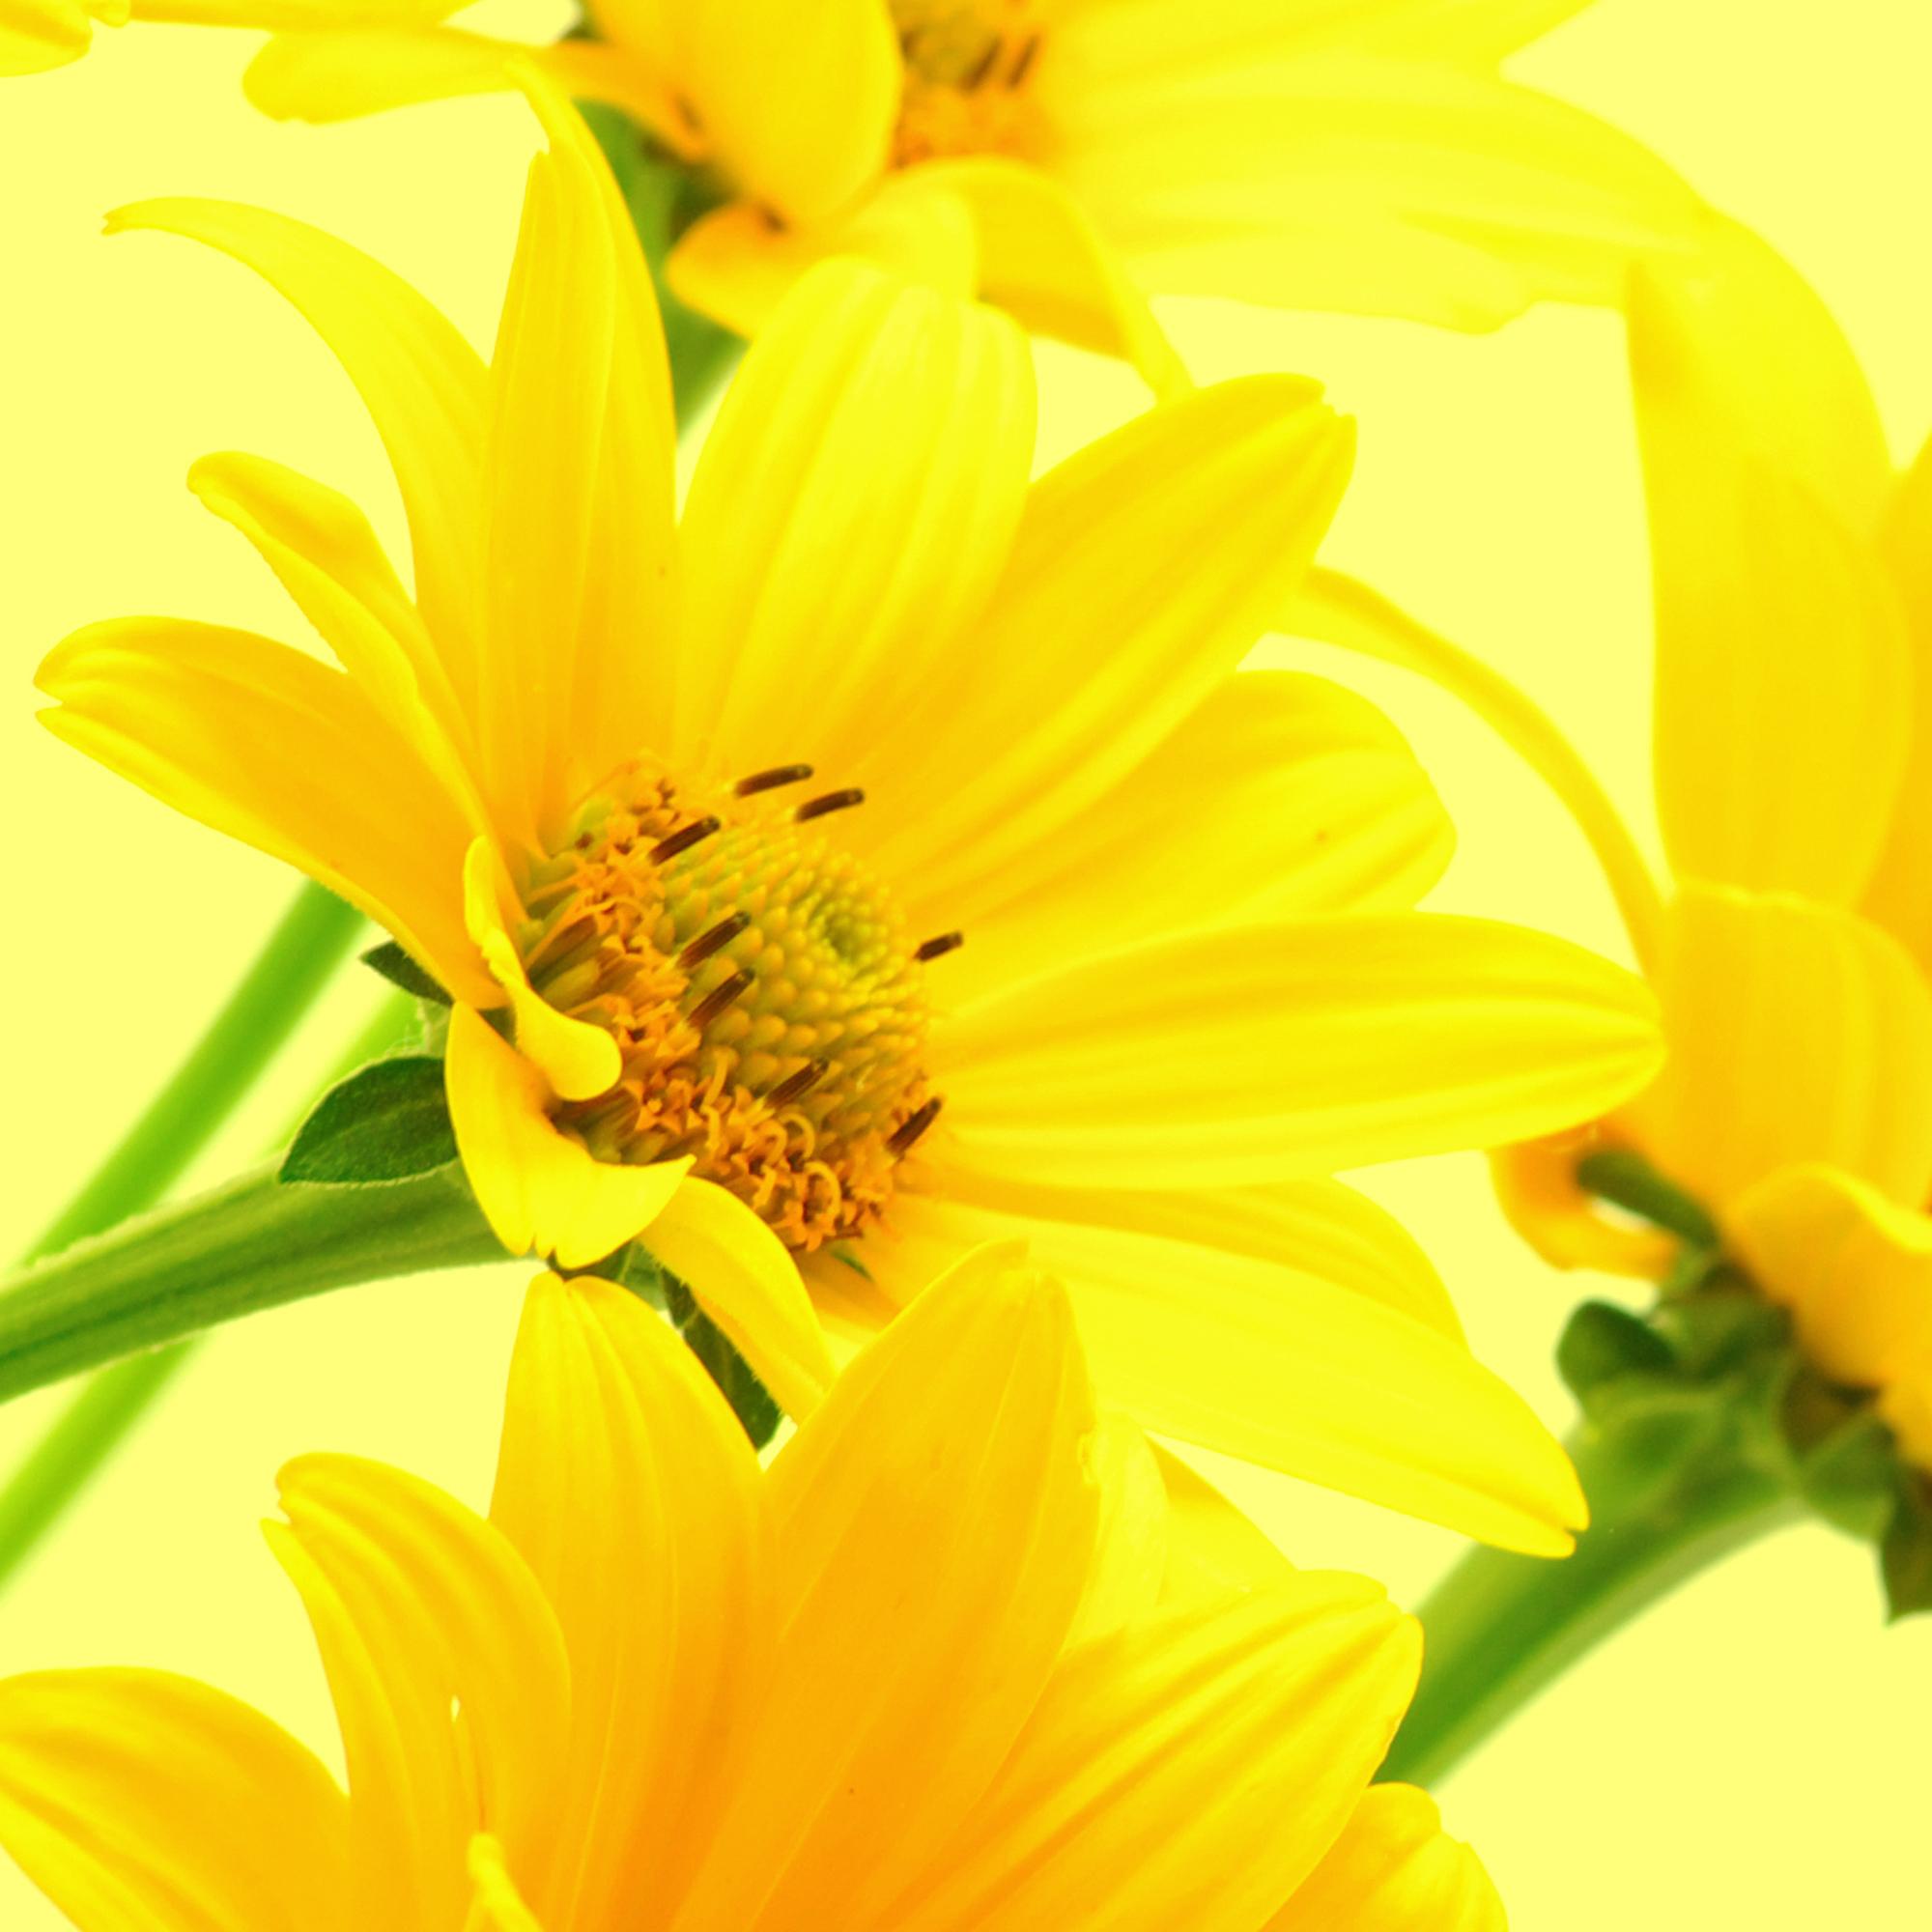 Салфетки бумажные Gratias Желтые герберы, трехслойные, 20 шт4Трехслойные бумажные салфетки Gratias Желтые герберы, выполненные из натуральной целлюлозы с изображением желтых гербер, станут отличным дополнением любого праздничного стола. Они отличаются необычной мягкостью, прочностью и оригинальностью. Состав: 100% целлюлоза. Размер салфетки: 33 см х 33 см.Количество слоев: 3.Количество салфеток: 20 шт.